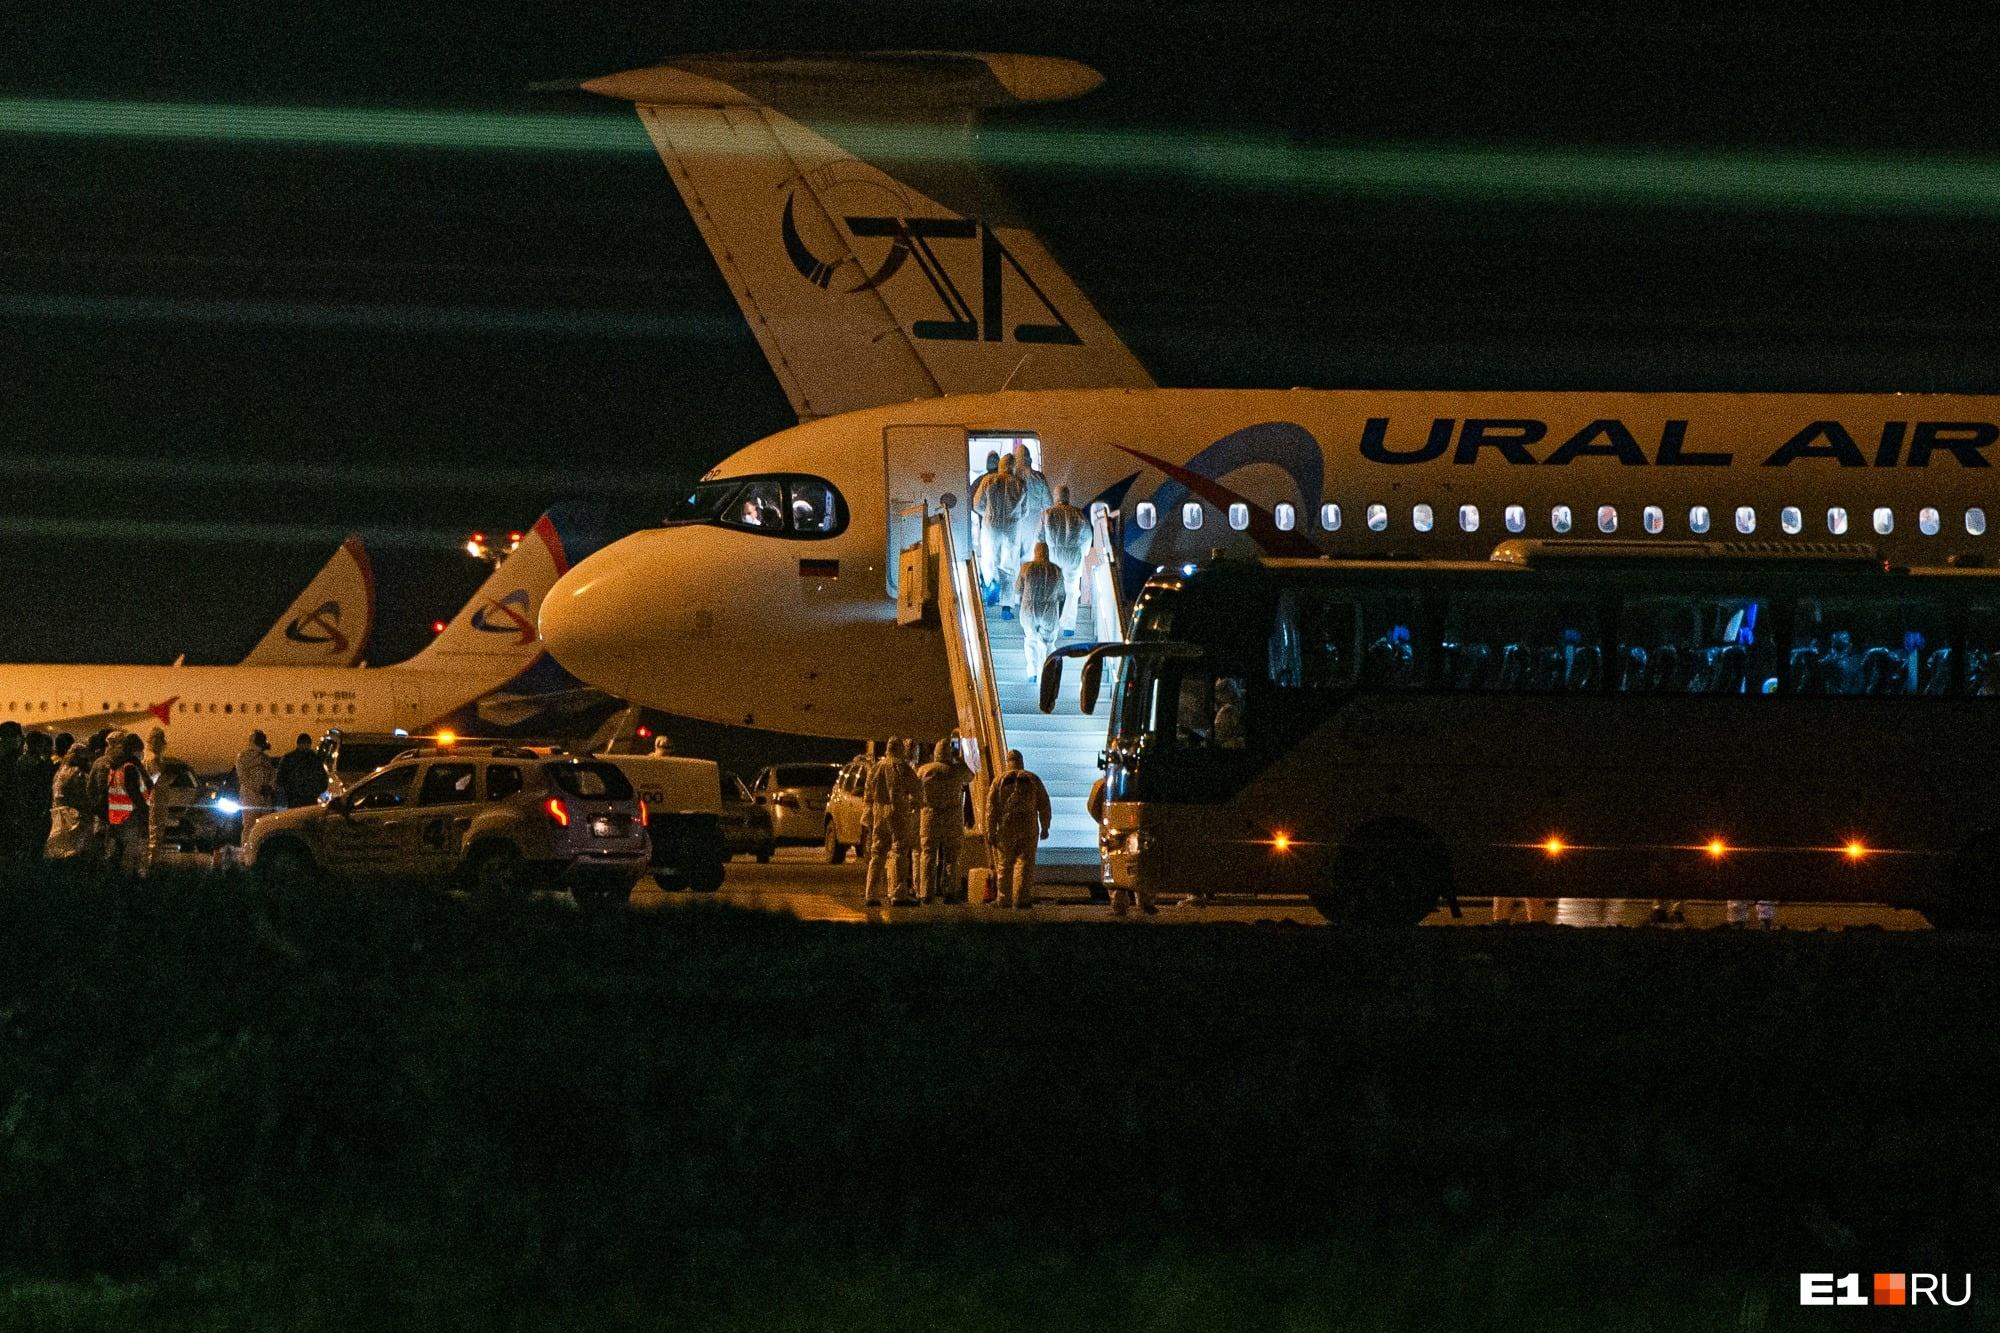 А это ночной Екатеринбург, весна. В аэропорт Кольцово прибыл один из первых заграничных рейсов — из Бангкока вывозили русских туристов. Просто так выходить из самолета пассажирам не дали, сначала их по всем коронавирусным правилам осмотрели врачи